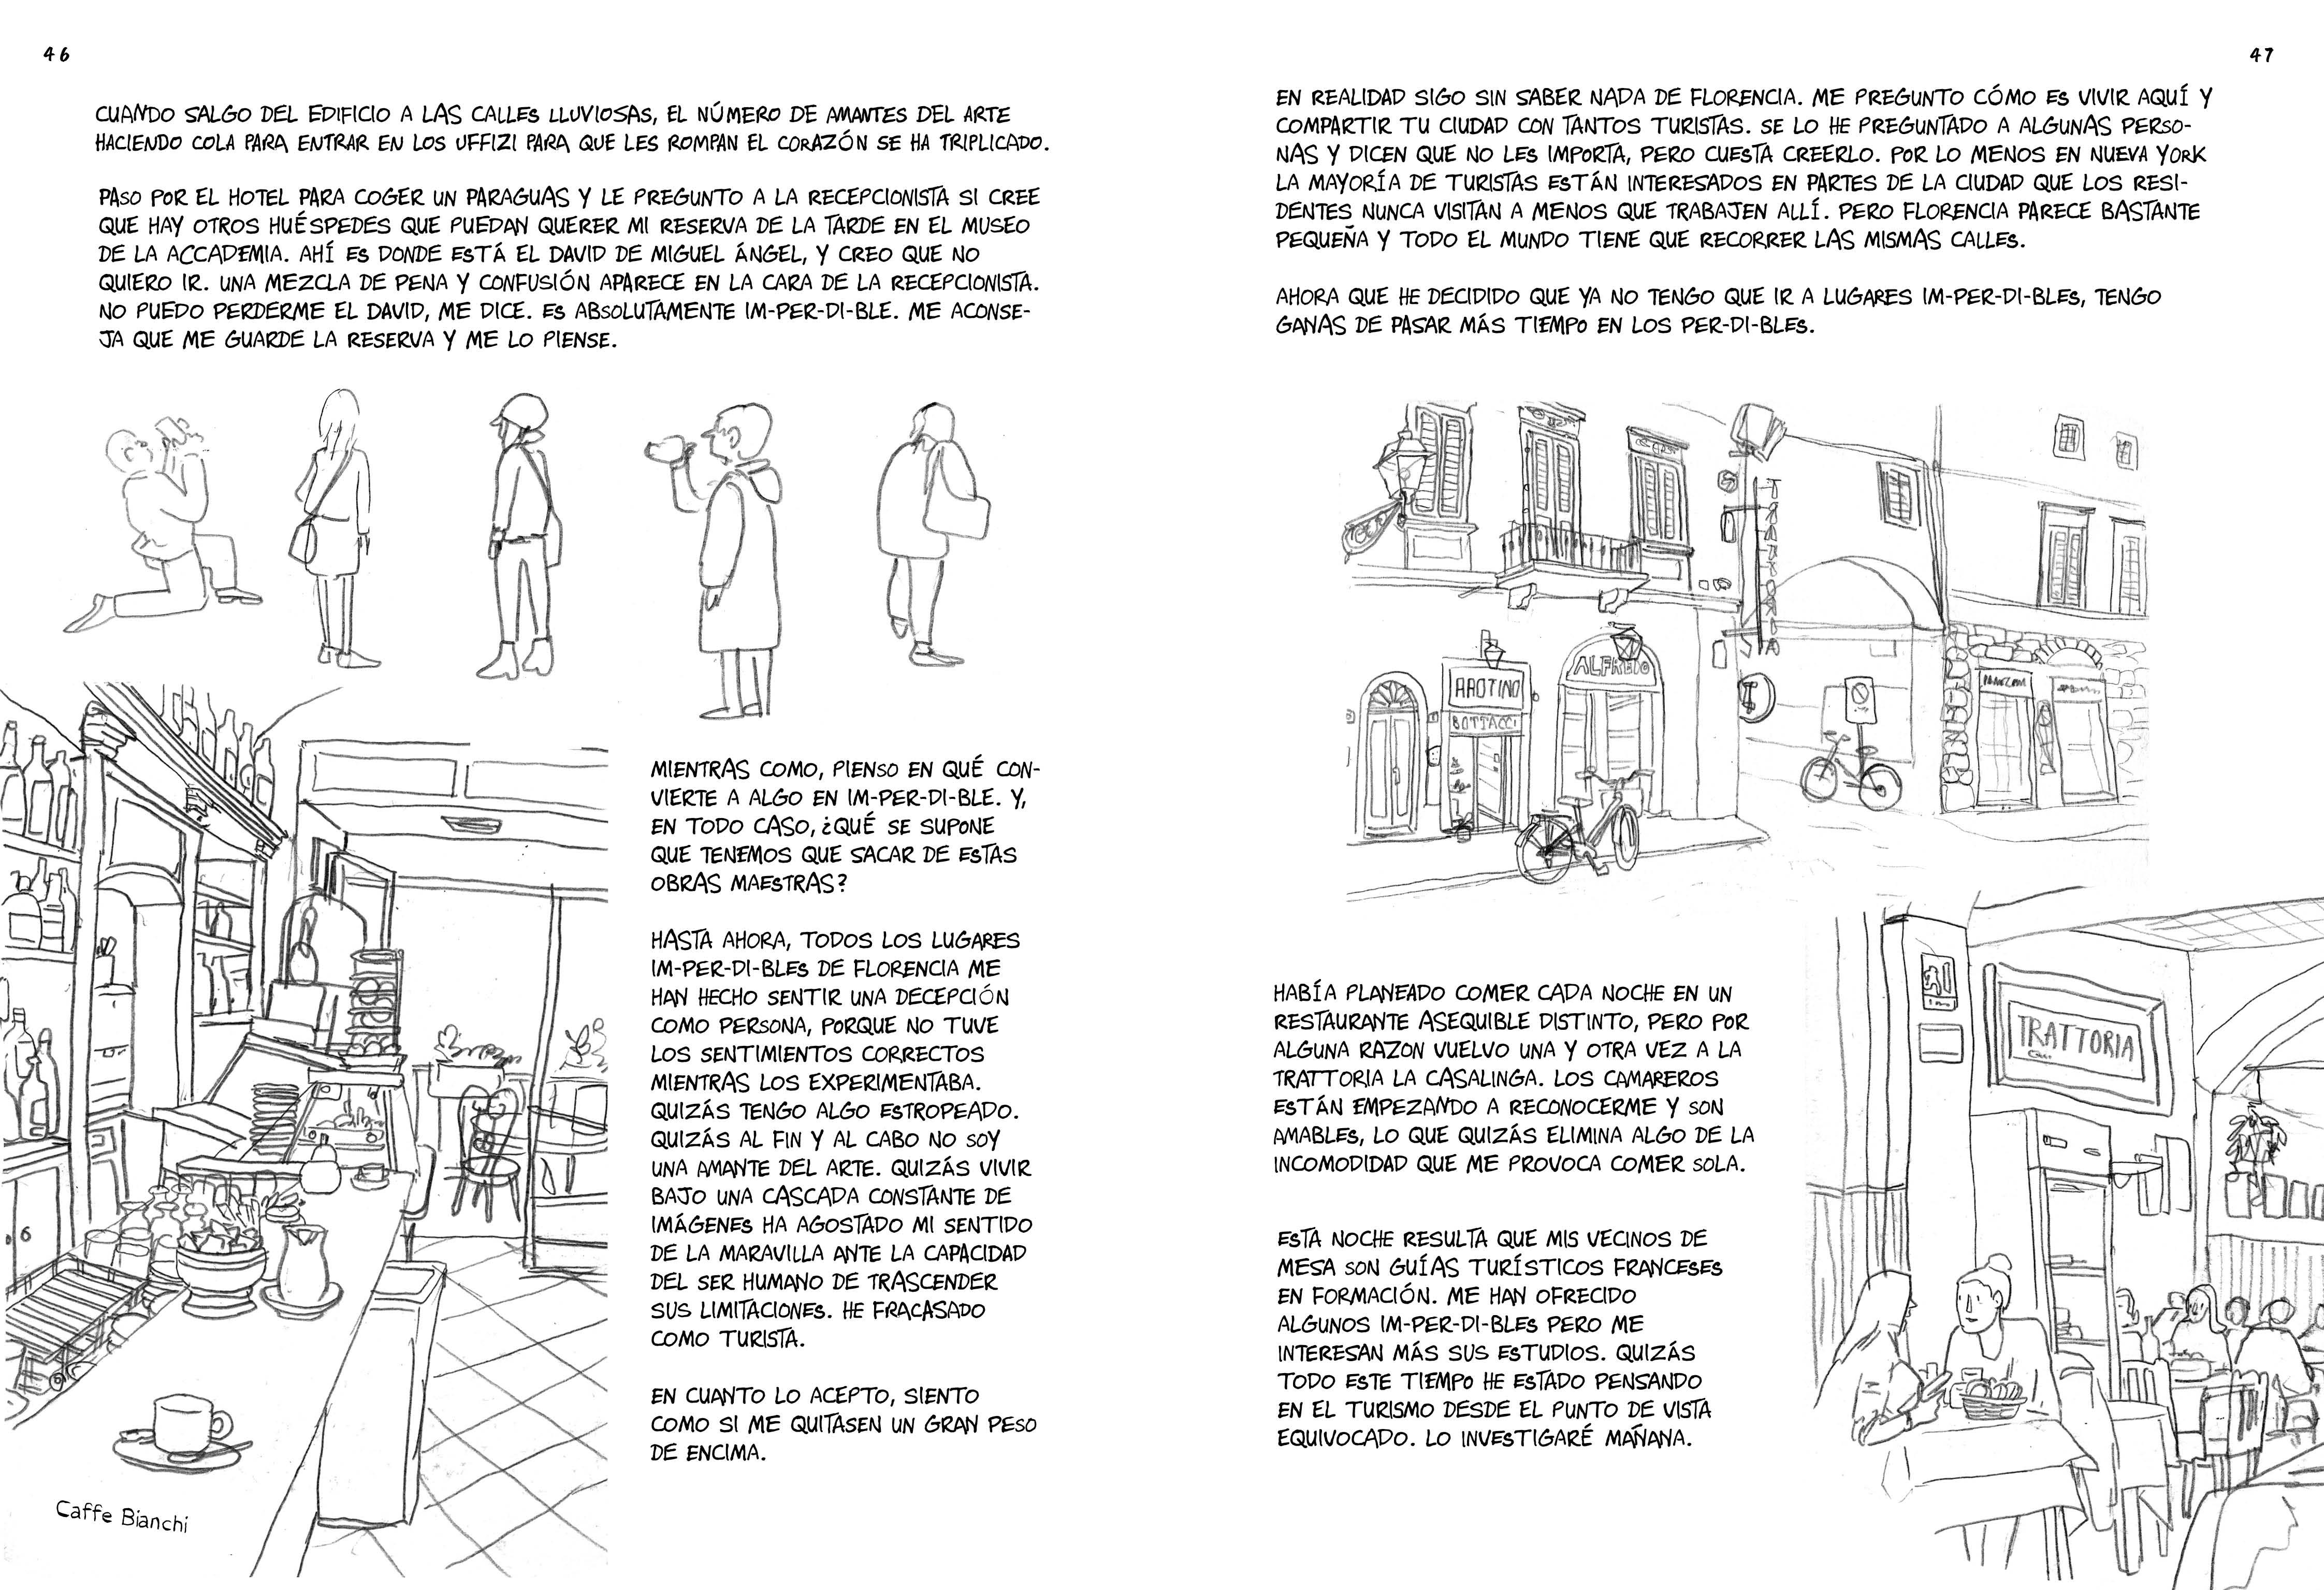 Viajes-dibujados-46-47